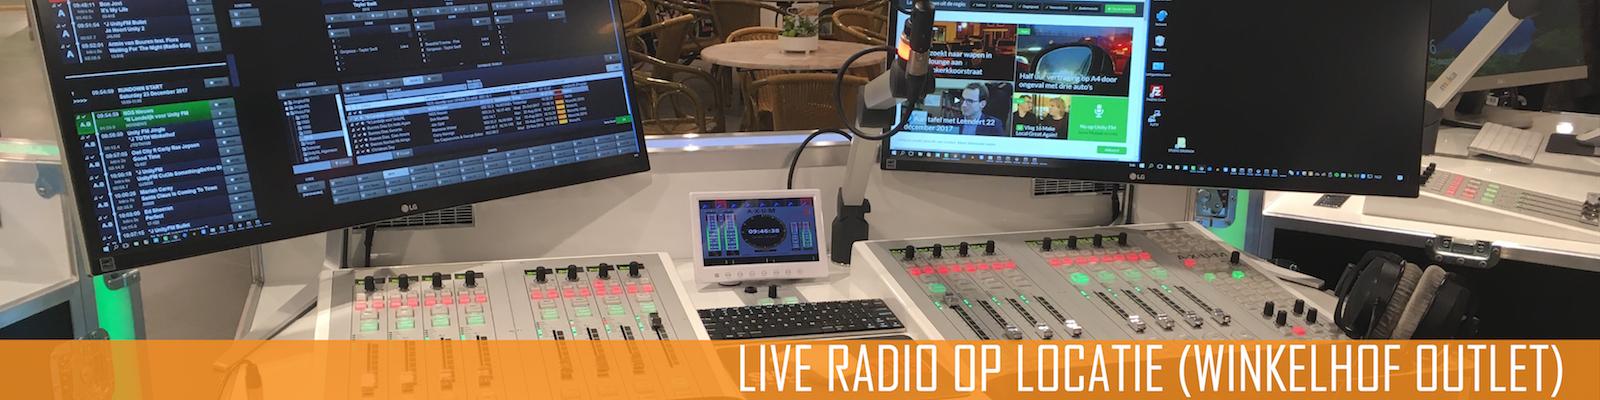 Liveradio op locatie